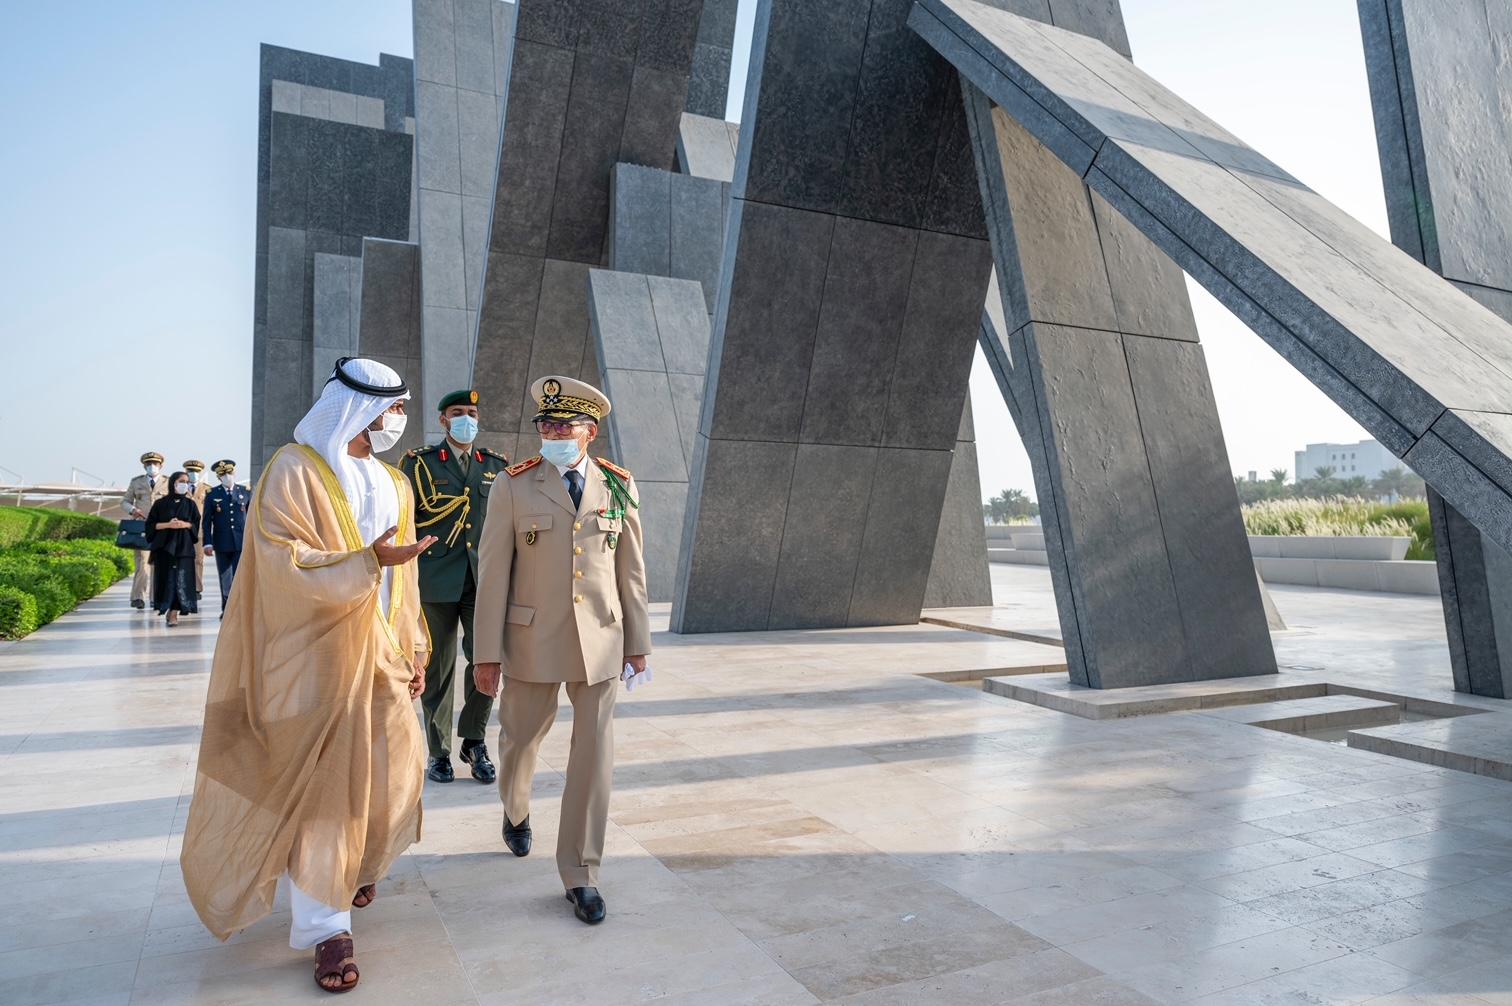 خليفة بن طحنون يستقبل المفتش العام للجيش المغربي في واحة الكرامة